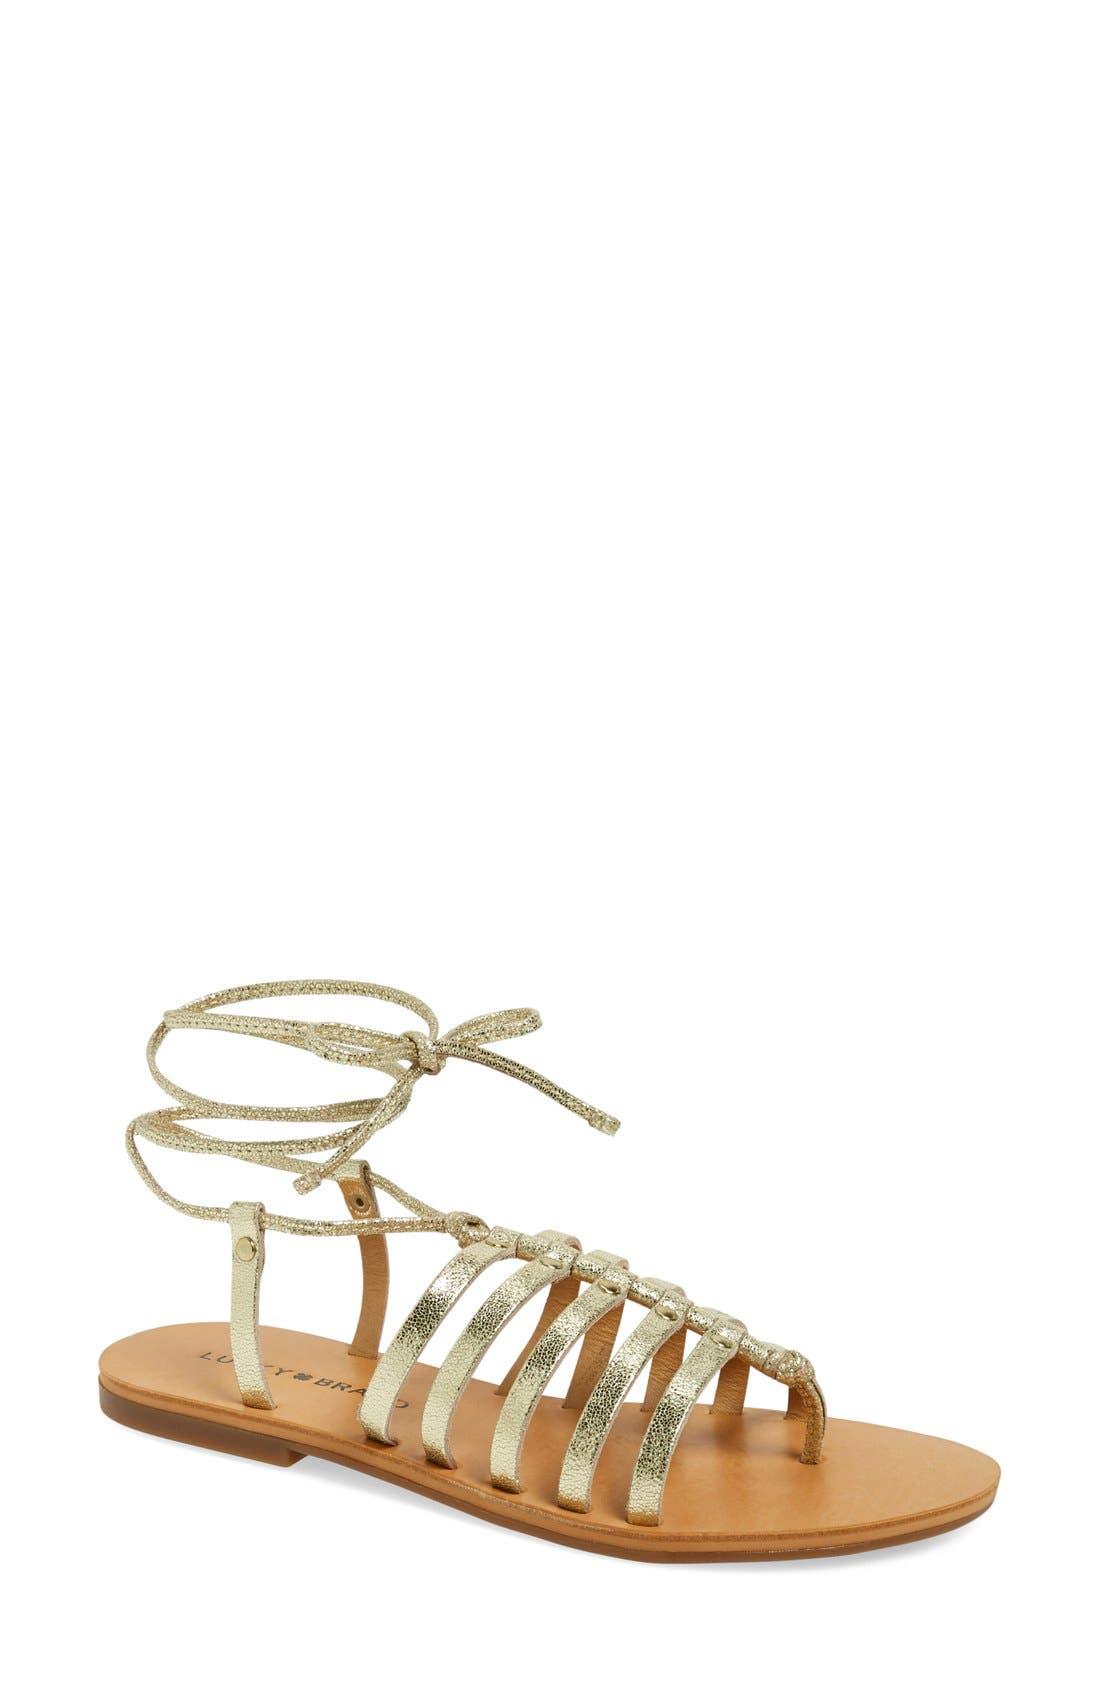 Alternate Image 1 Selected - Lucky Brand 'Colette' Gladiator Sandal (Women)